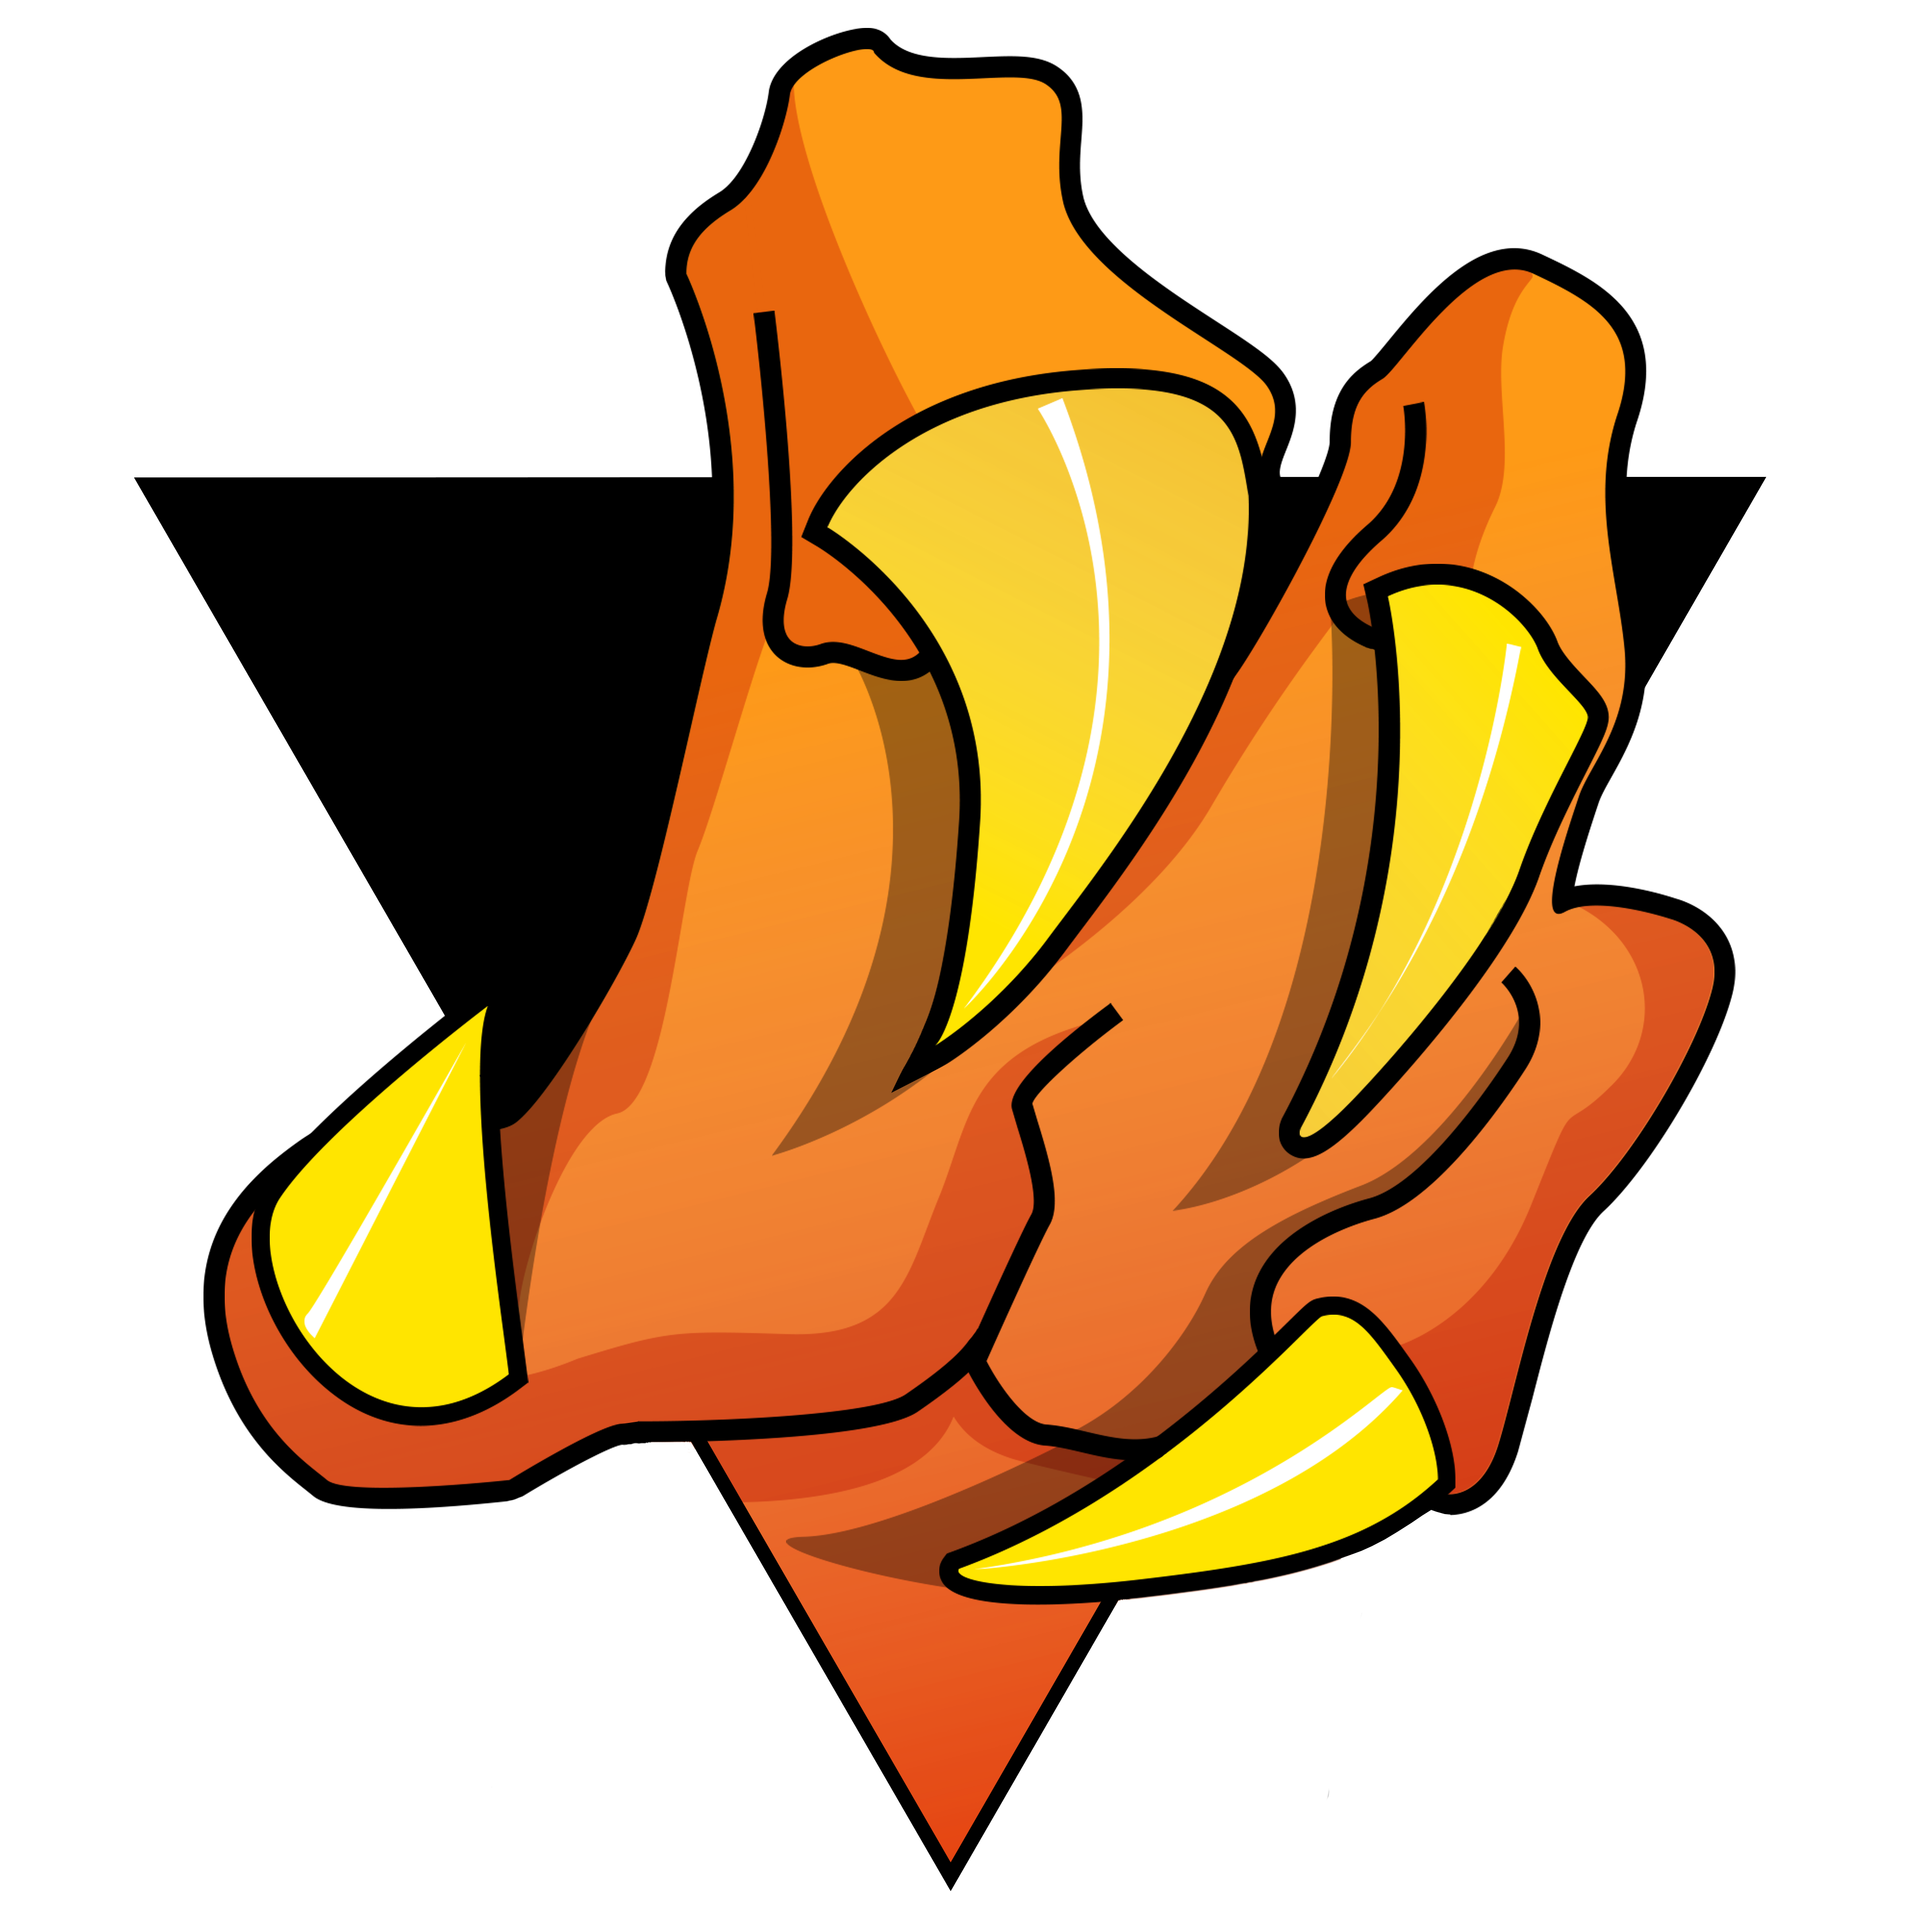 Legion of Myth logo